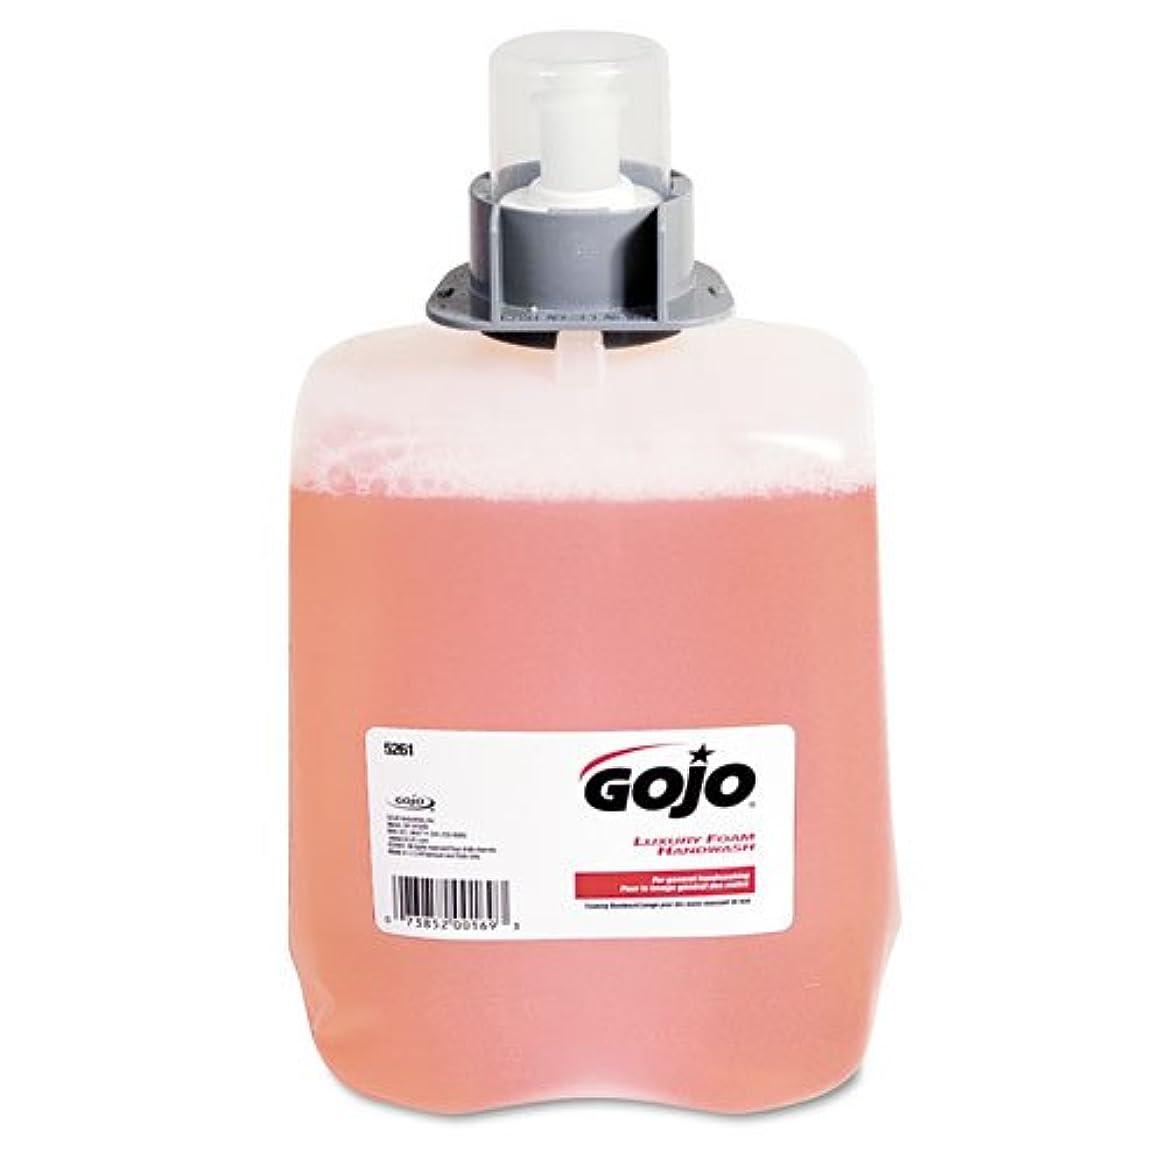 ディスク断言するすなわちGOJO ®ラグジュアリーFoam Hand Wash Refill for fmx-20ディスペンサー、クランベリー香り、2 / Ctn